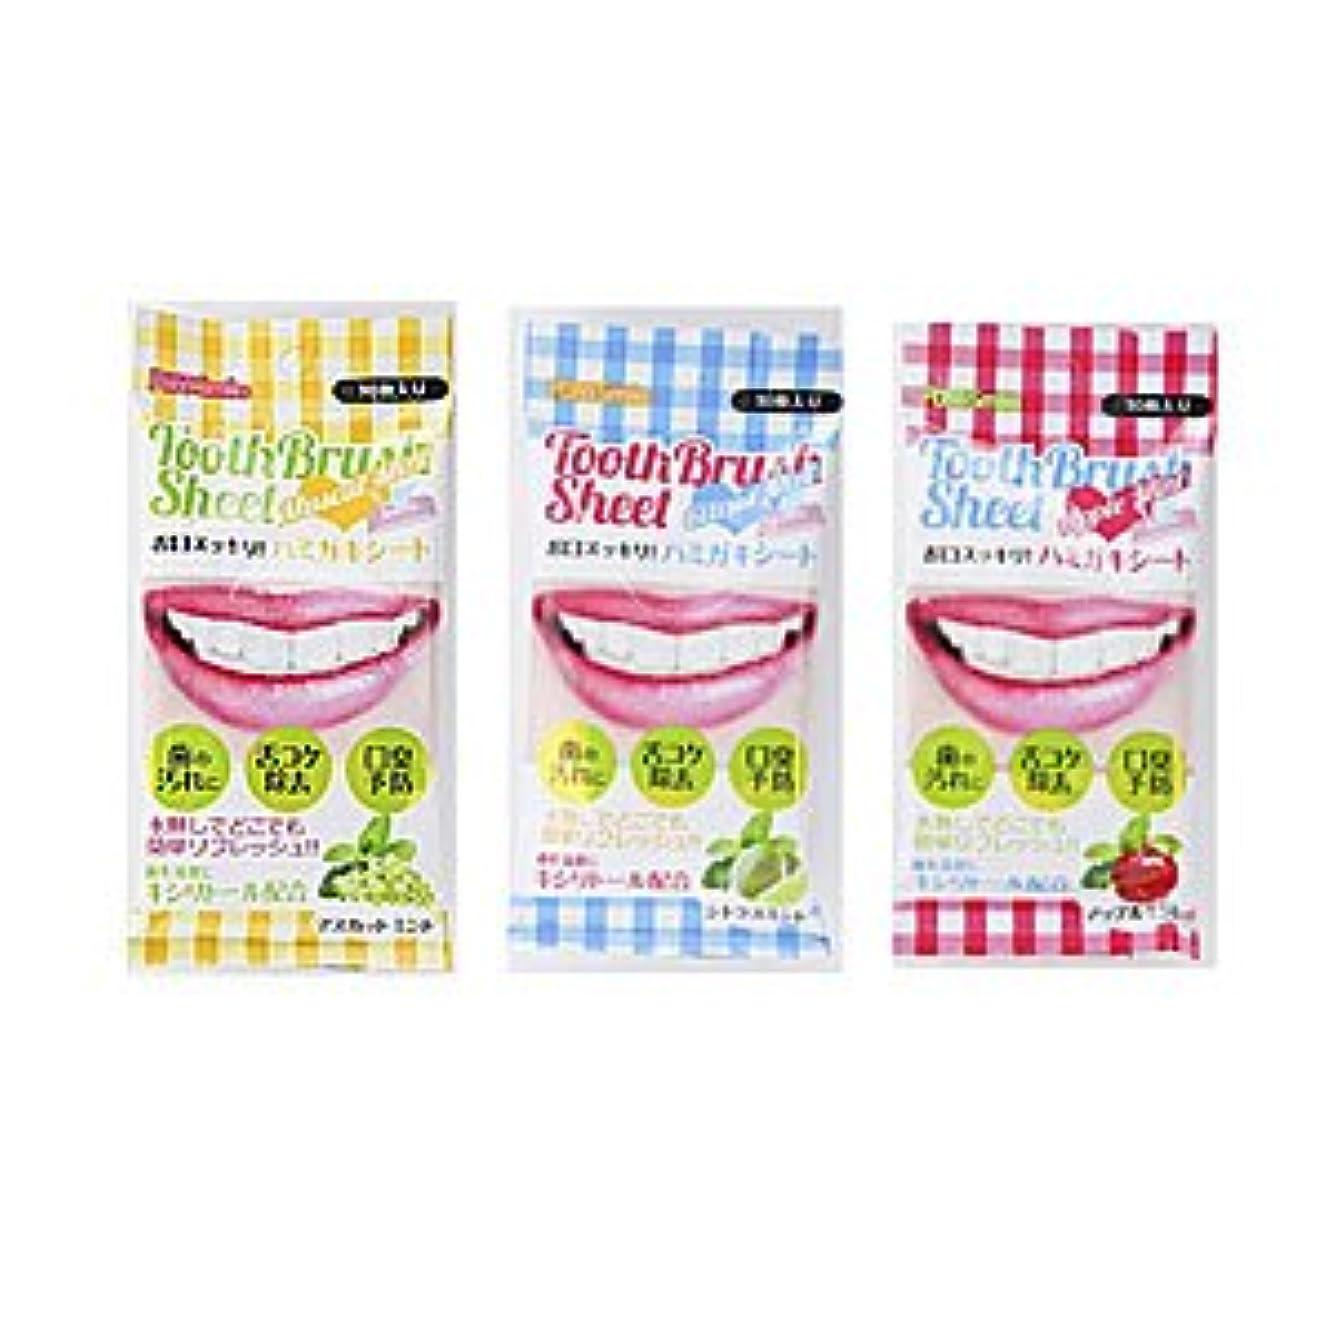 オフェンス規制植生ピュアスマイル 歯磨きシート 全3種類 (アップルミント)